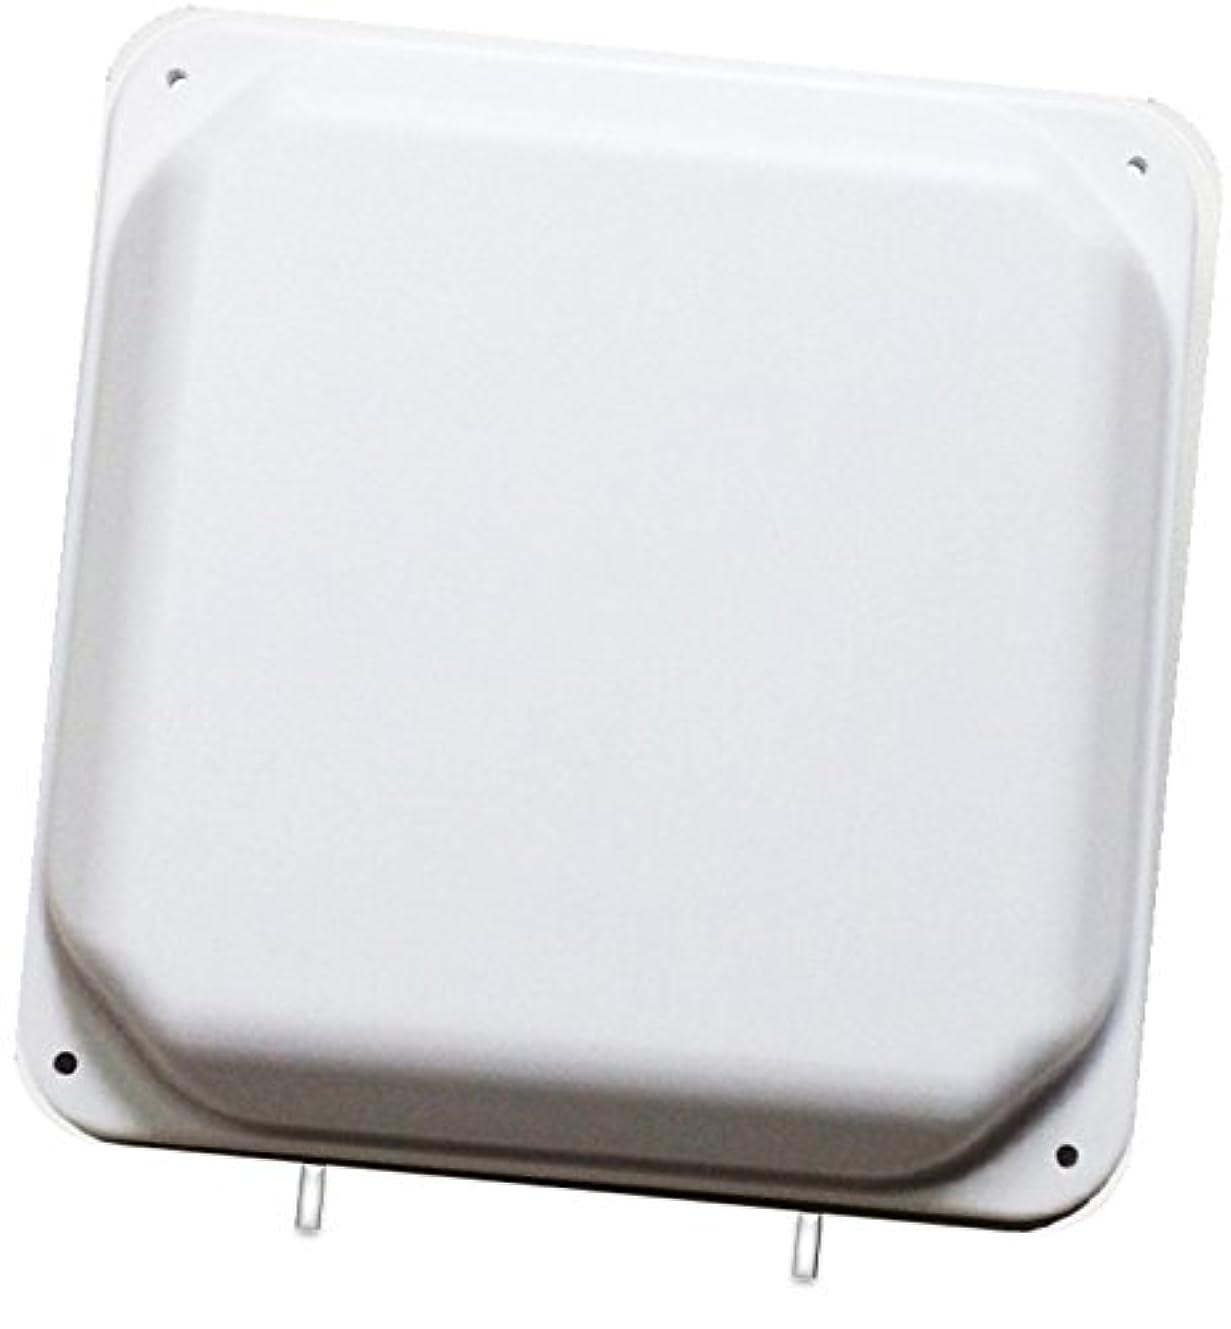 異形変成器飲み込む日本ヒューレットパッカード AP-ANT-28 Dual Band 60x60deg 8dBi +/- 45 Pol 2 Element MIMO 2xRPSMA Pigtail Ante JW013A